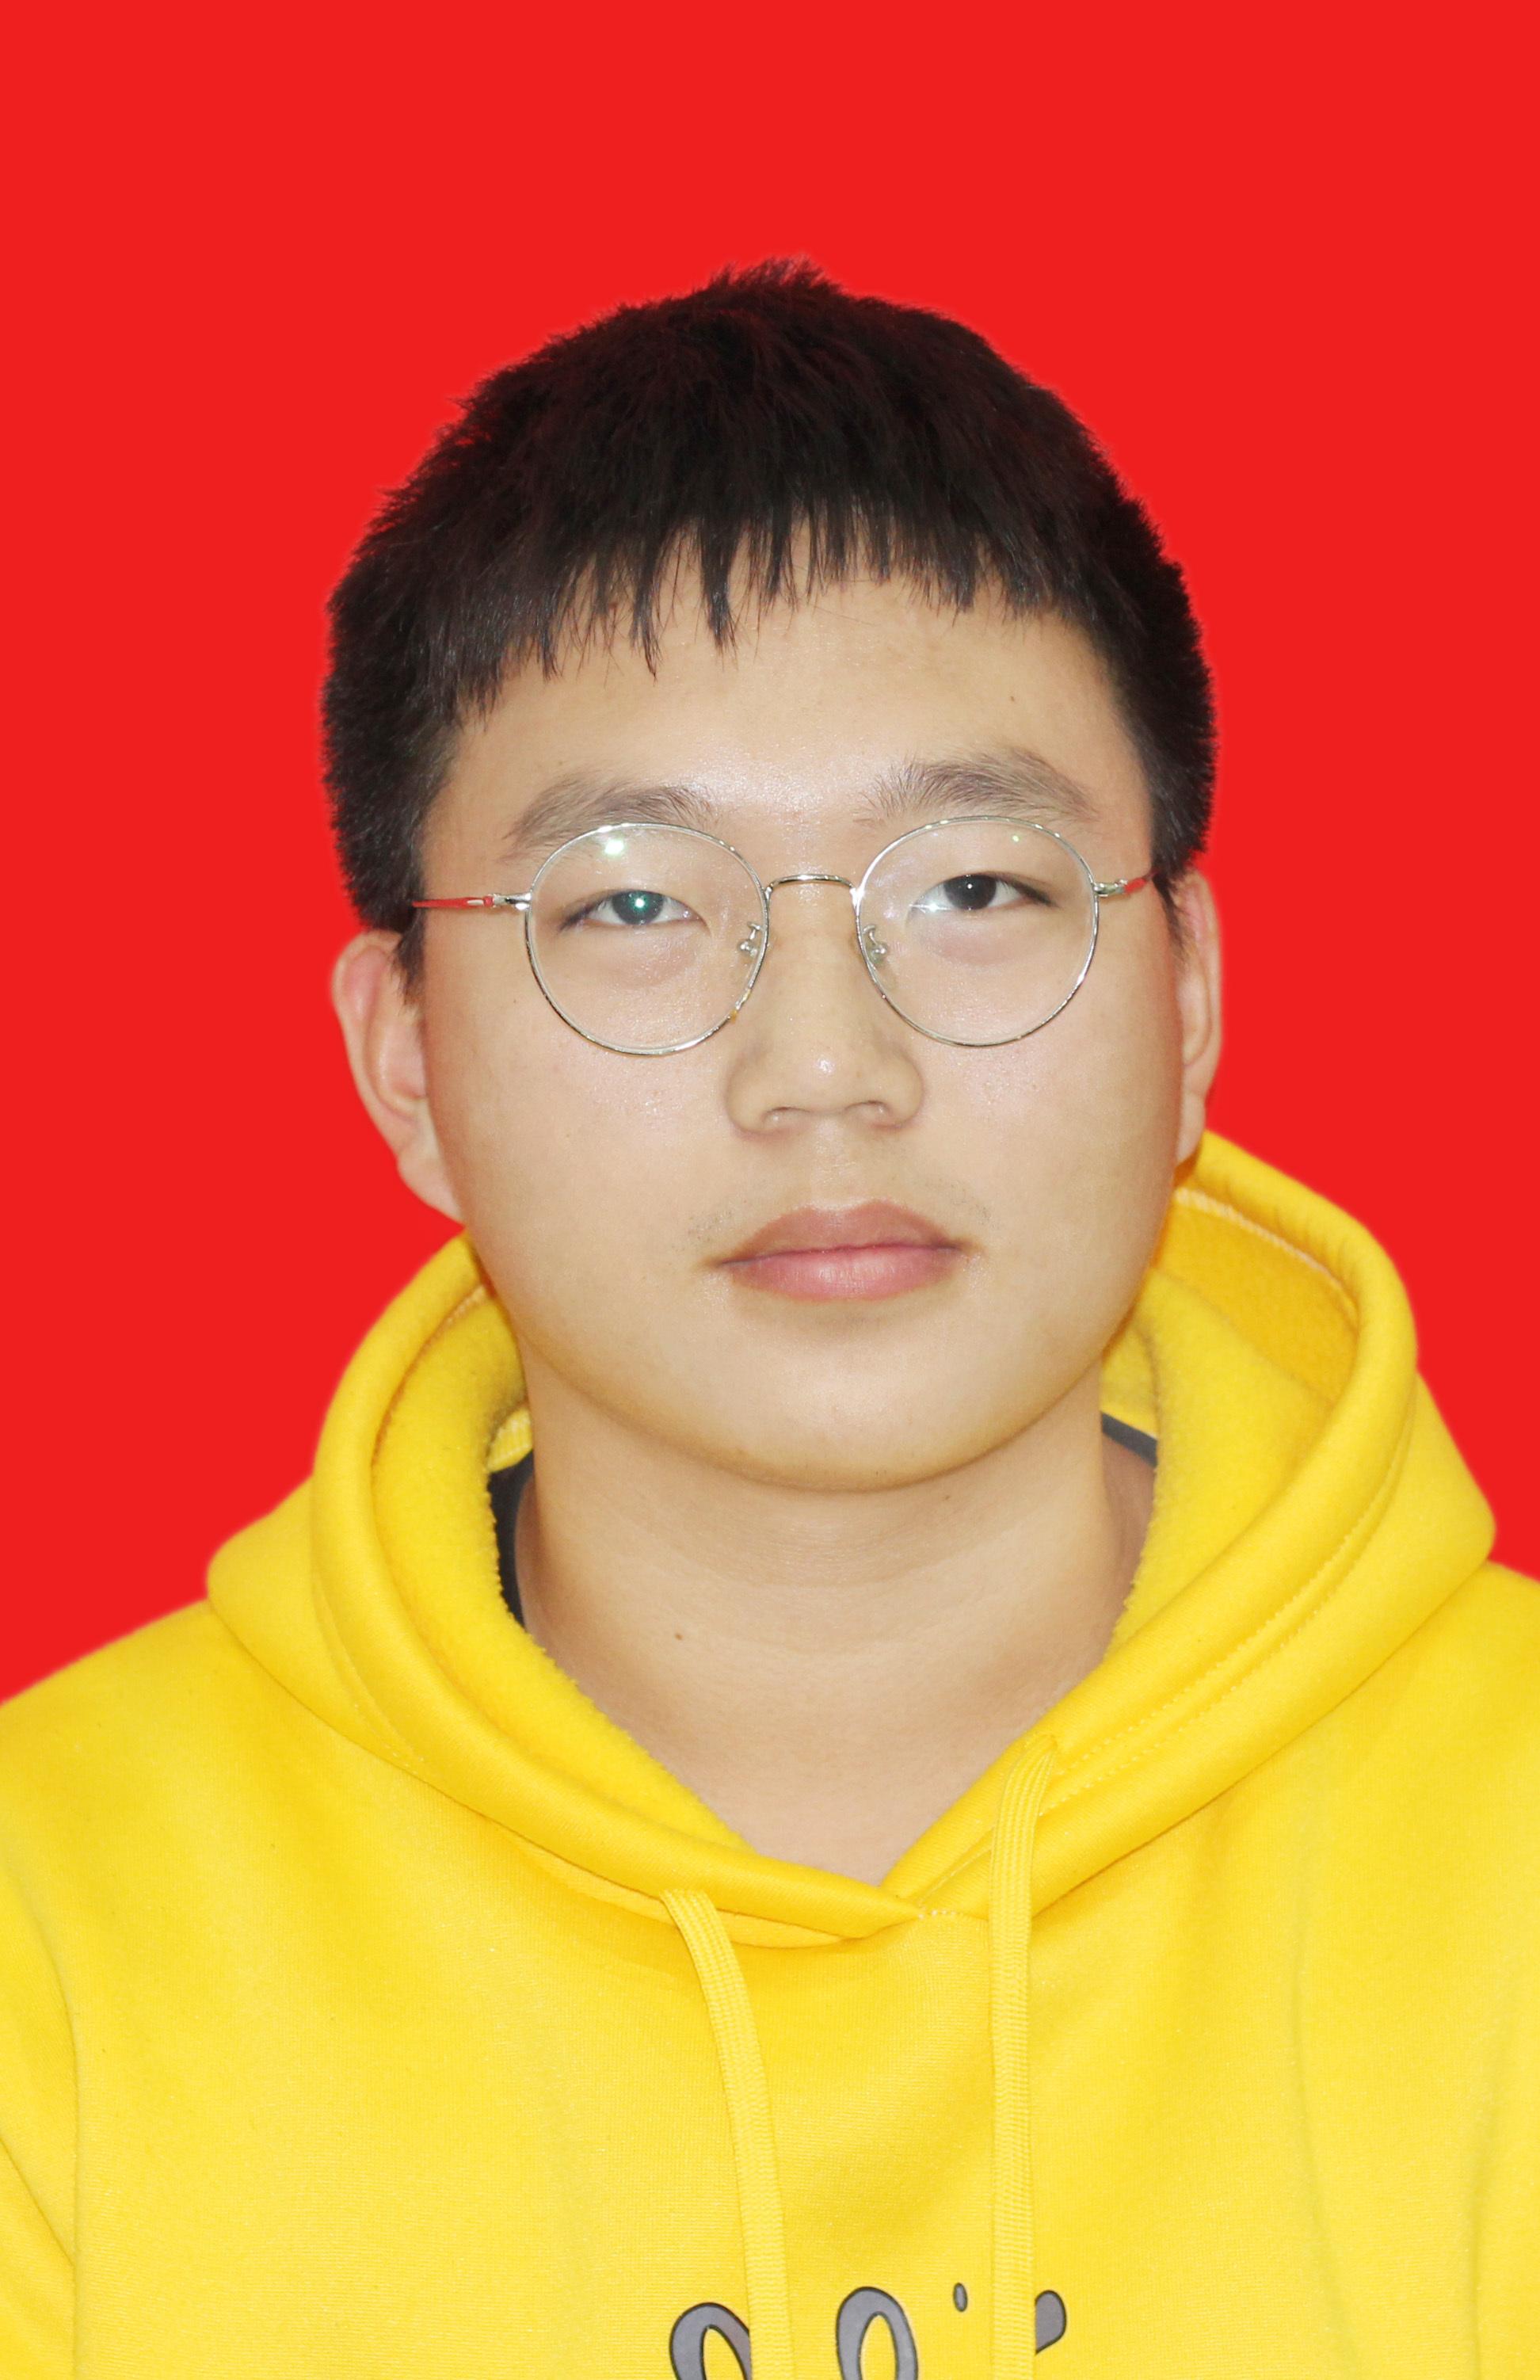 重庆家教杨教员